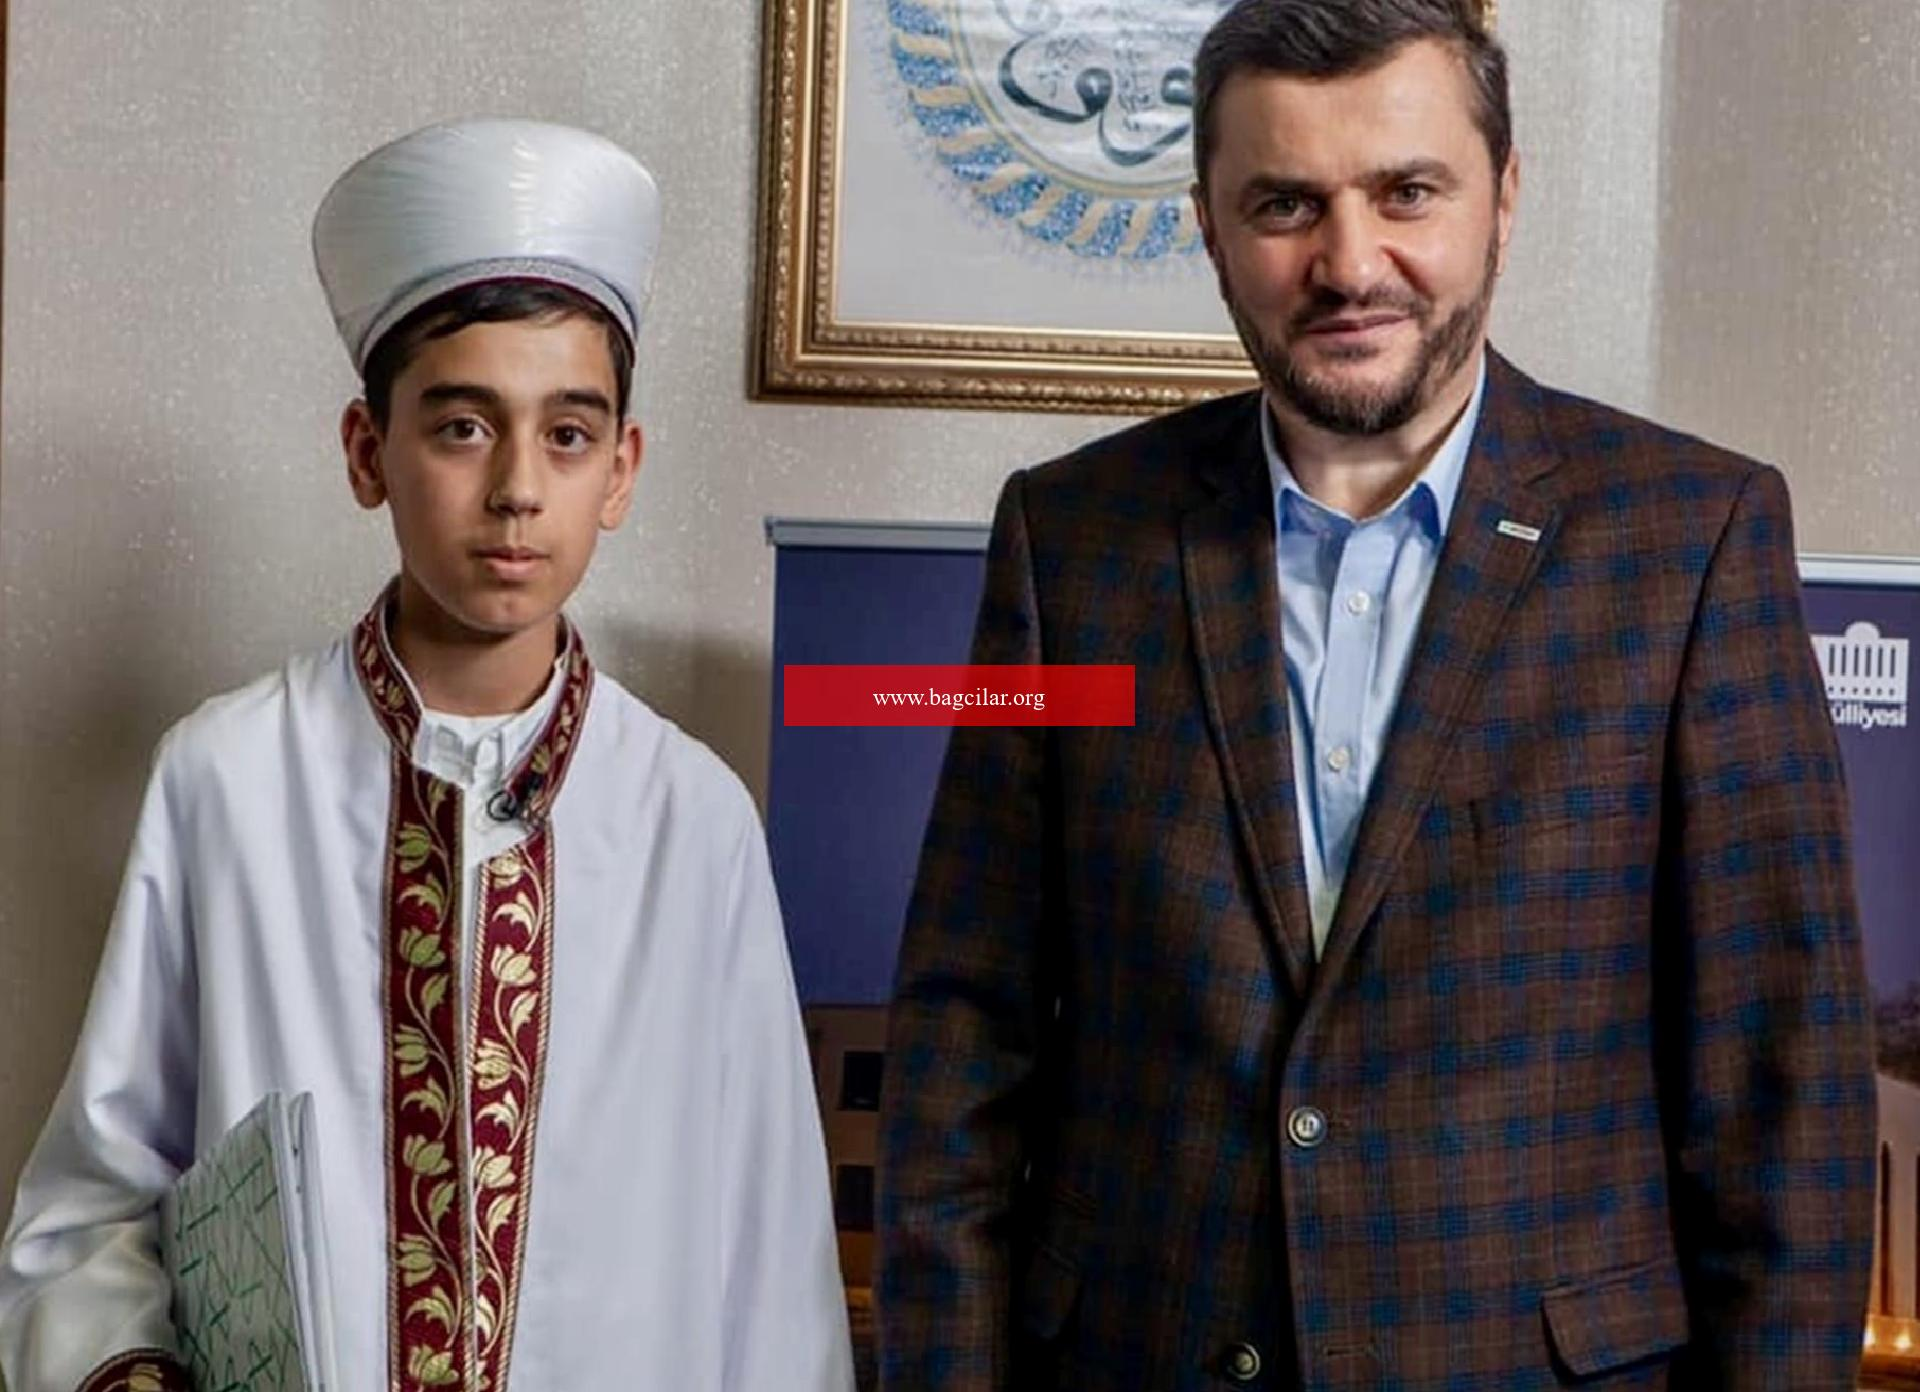 Almanya'da yaşayan 12 yaşındaki Muhammed Talha, Kur'an-ı Kerim'in tamamını tek seferde okudu